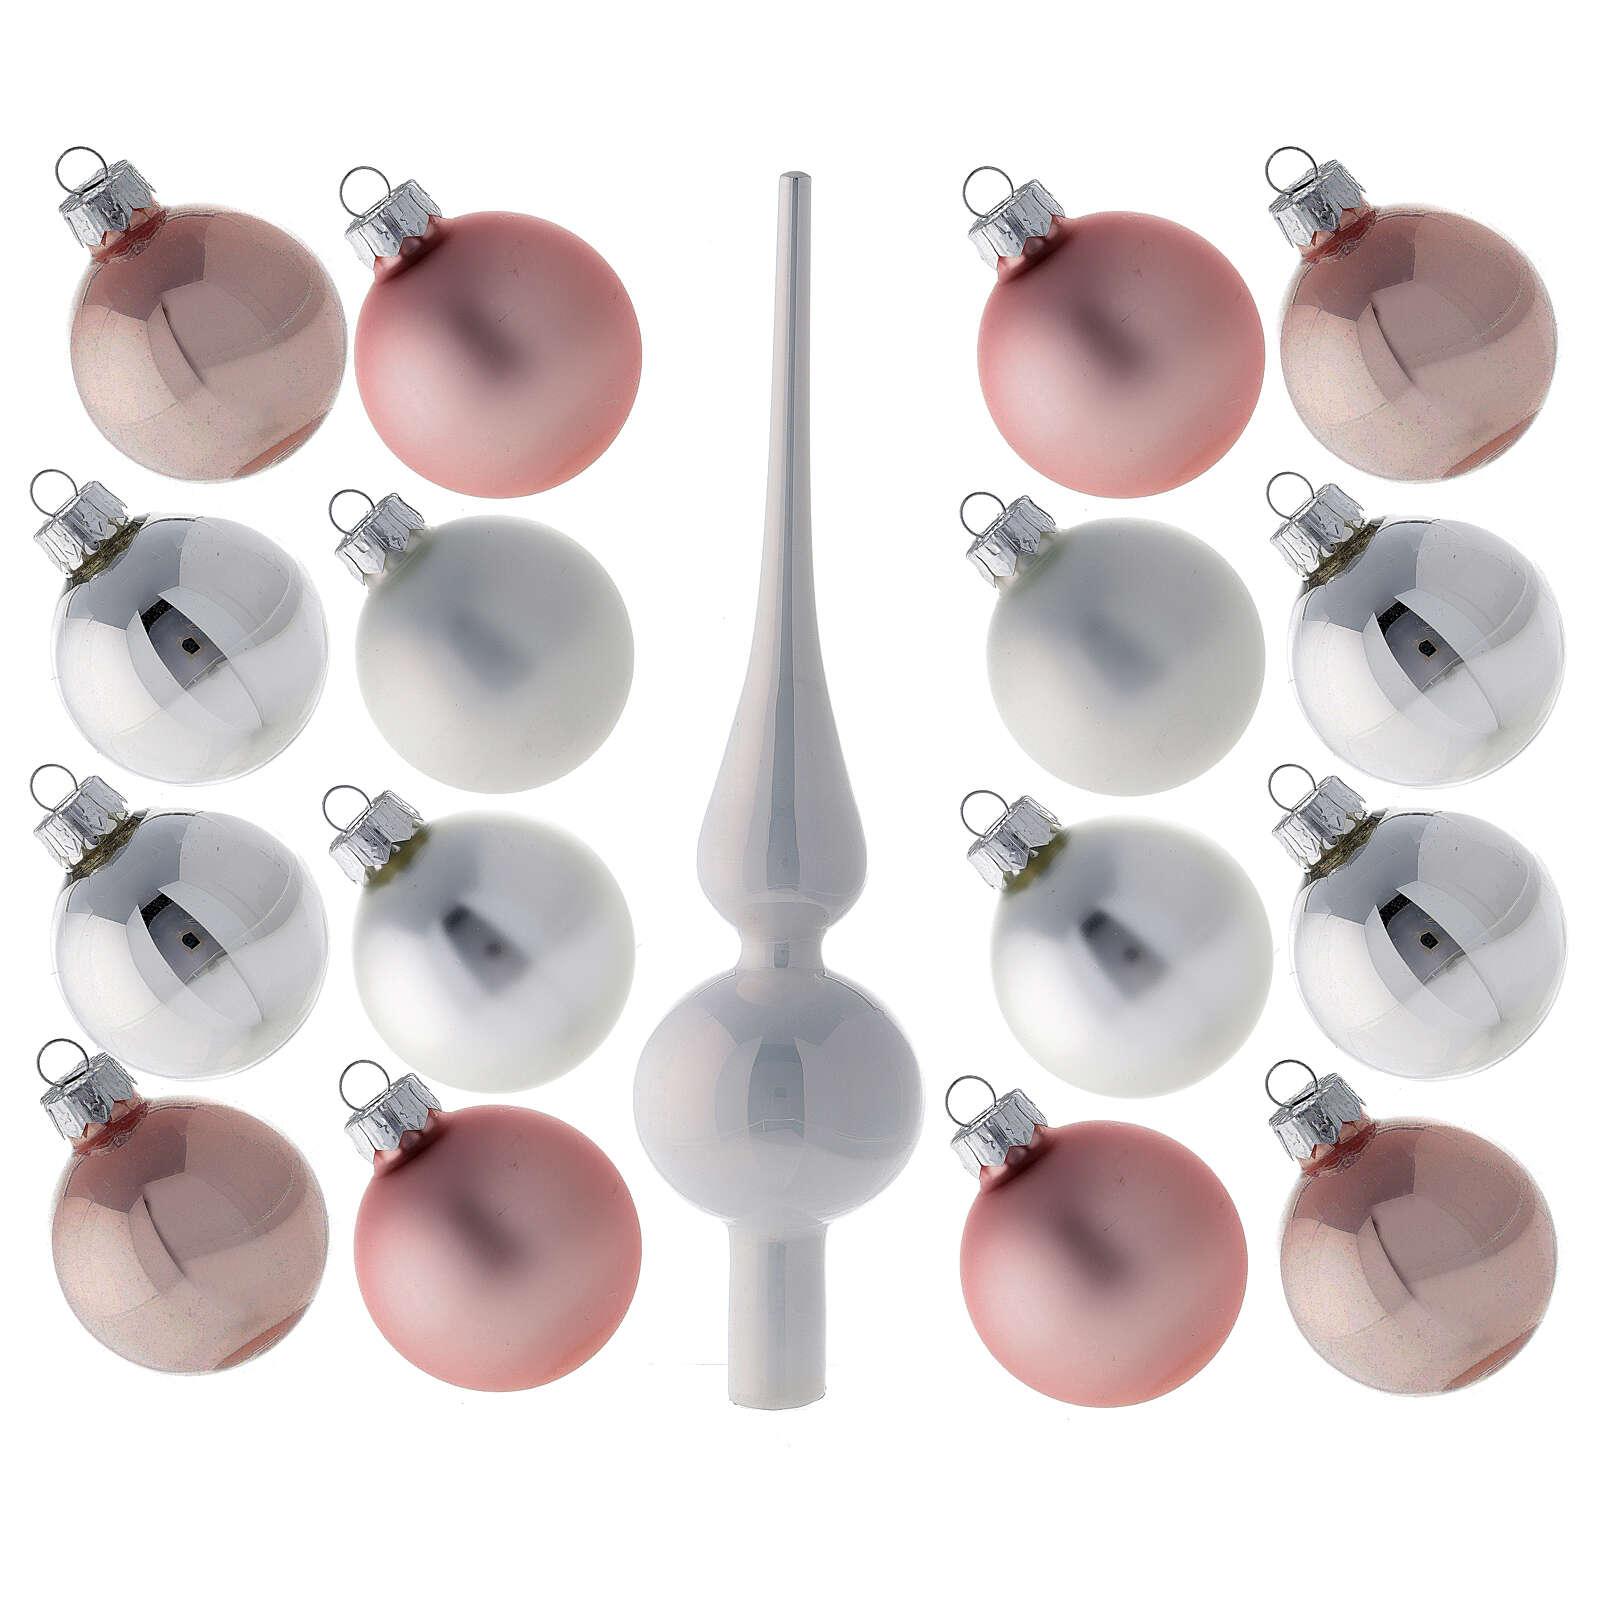 Conjunto ponteira e 16 bolas 50 mm para árvore de natal vidro soprado branco, cor-de-rosa e prata 4